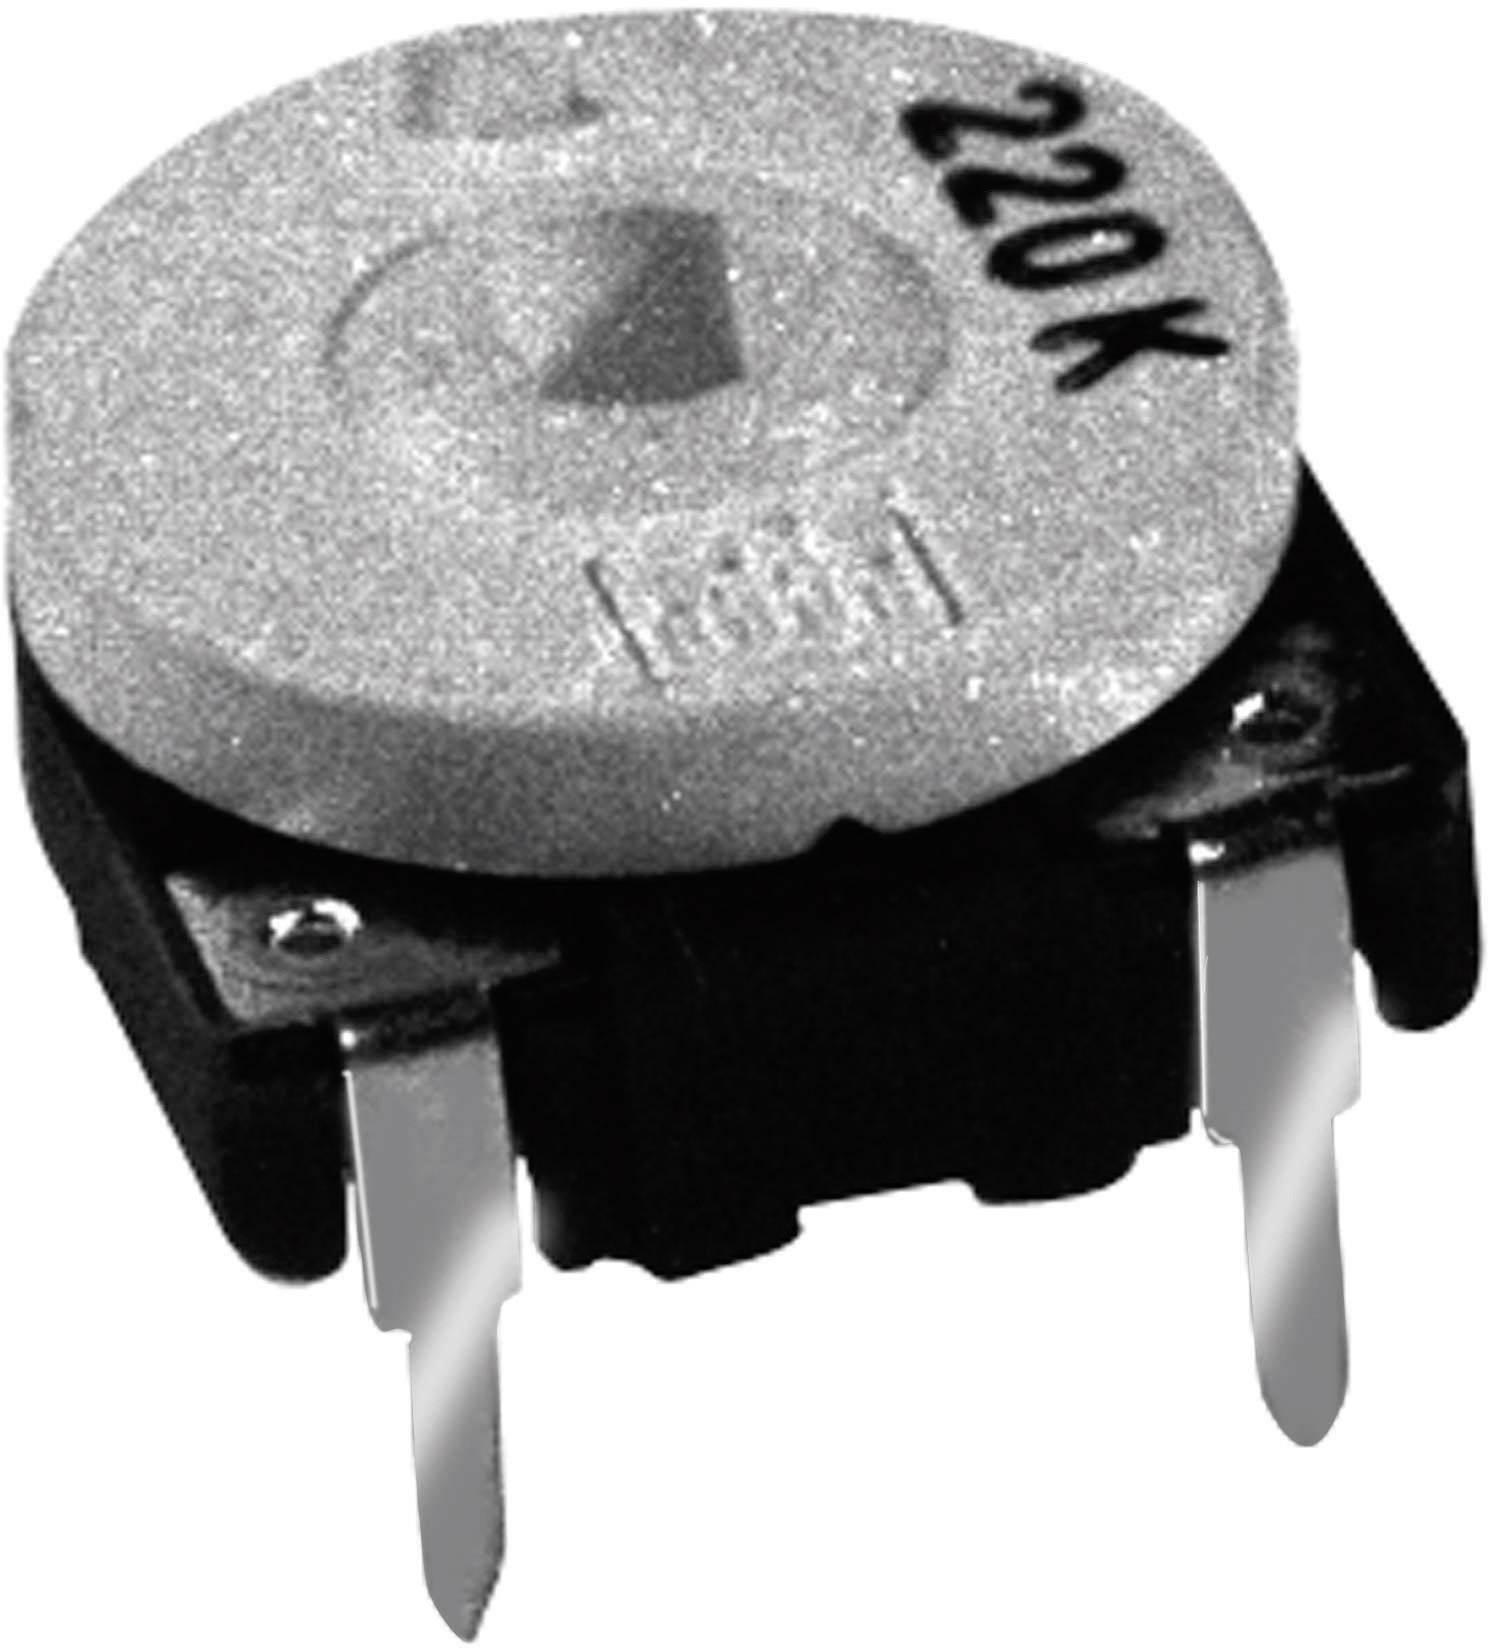 Uhlíkový trimr TT Electro, 21544805, 1 MΩ, 0,15 W, ± 20 %